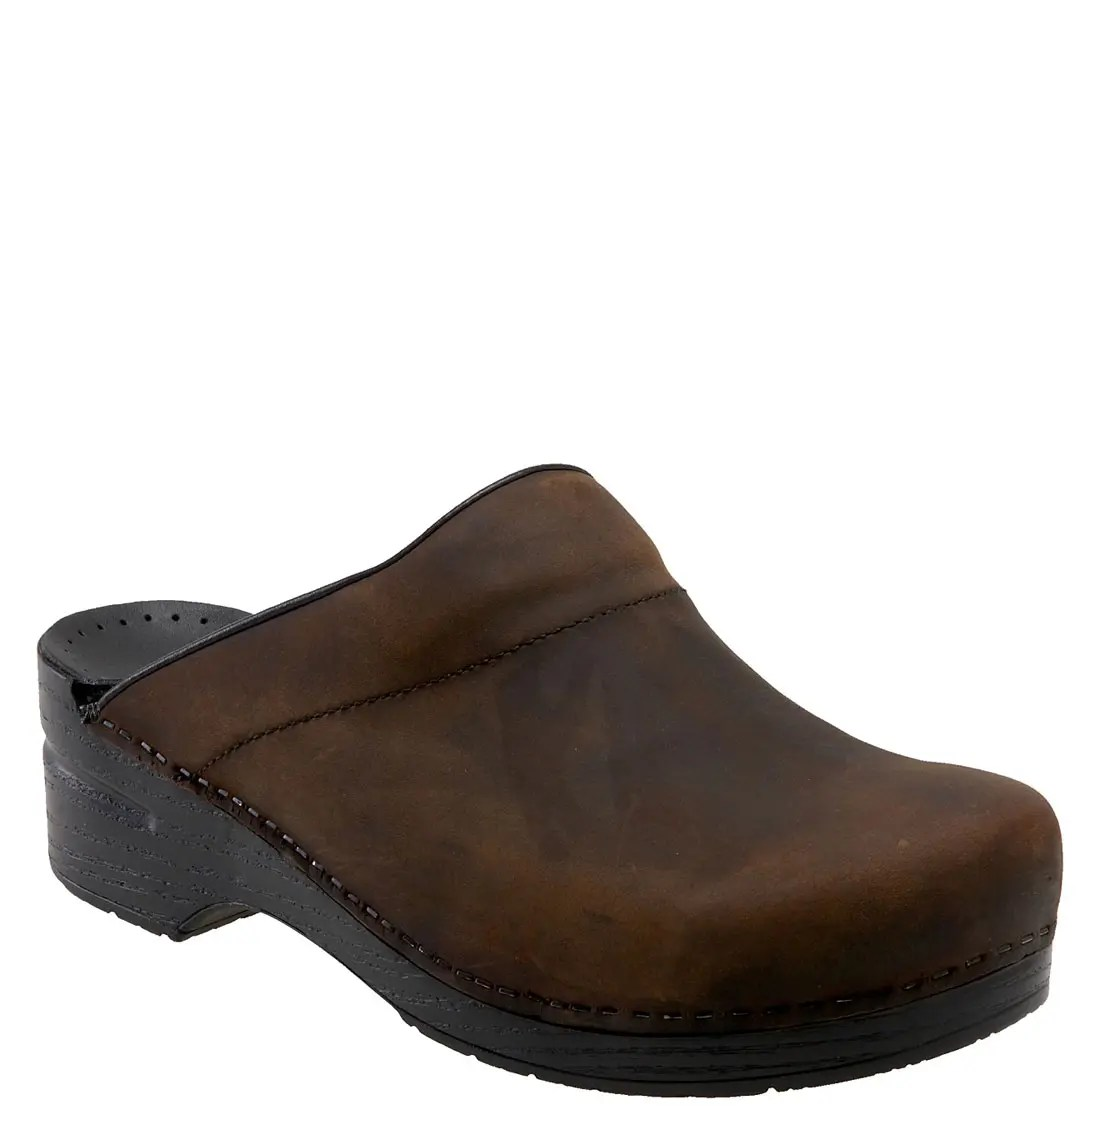 Dansko Shoes Portland